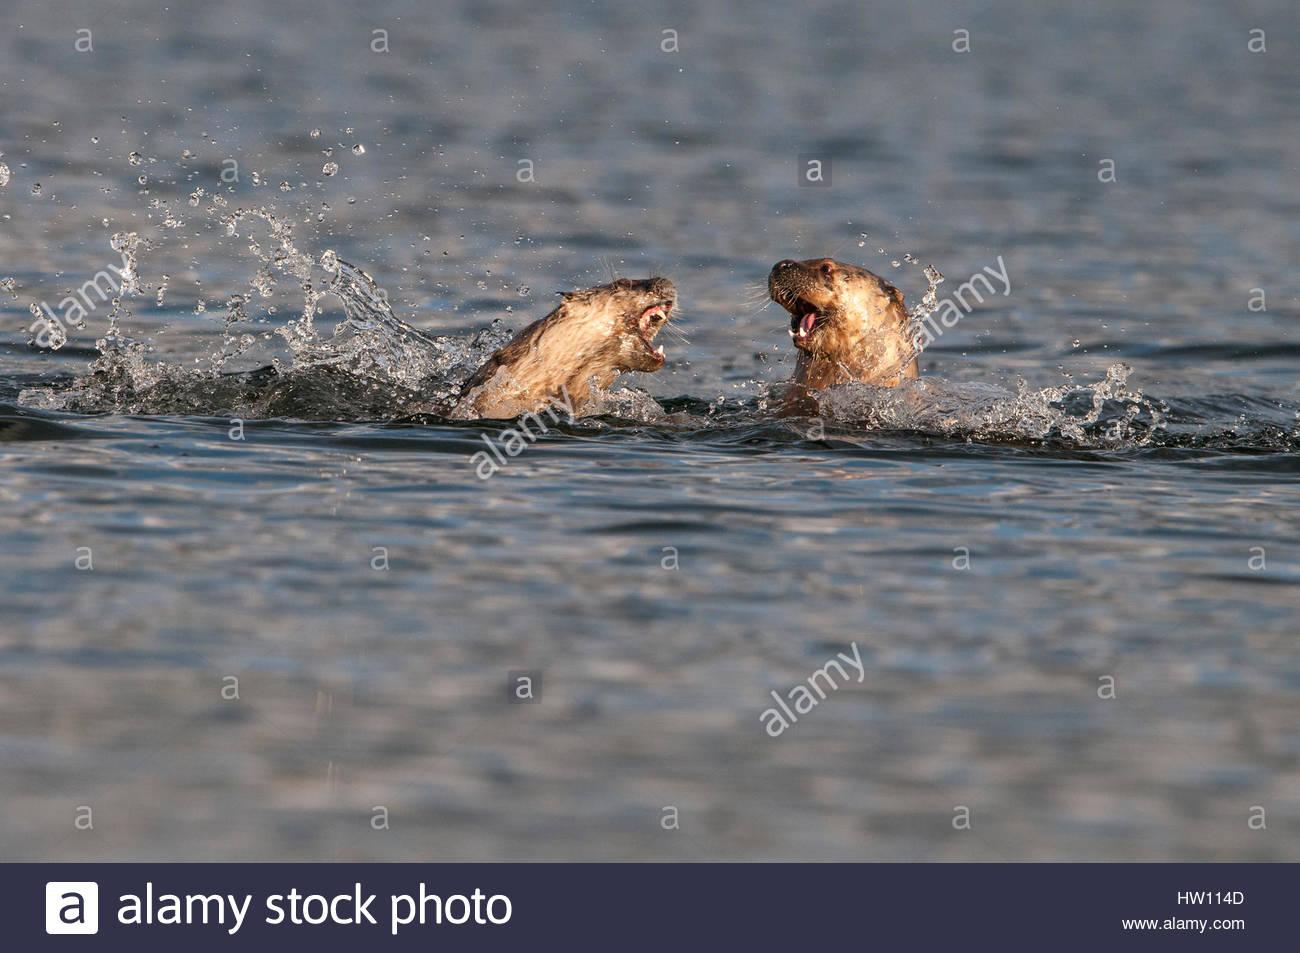 Una nutria de río lucha gira feroz en su lucha en el río. Imagen De Stock